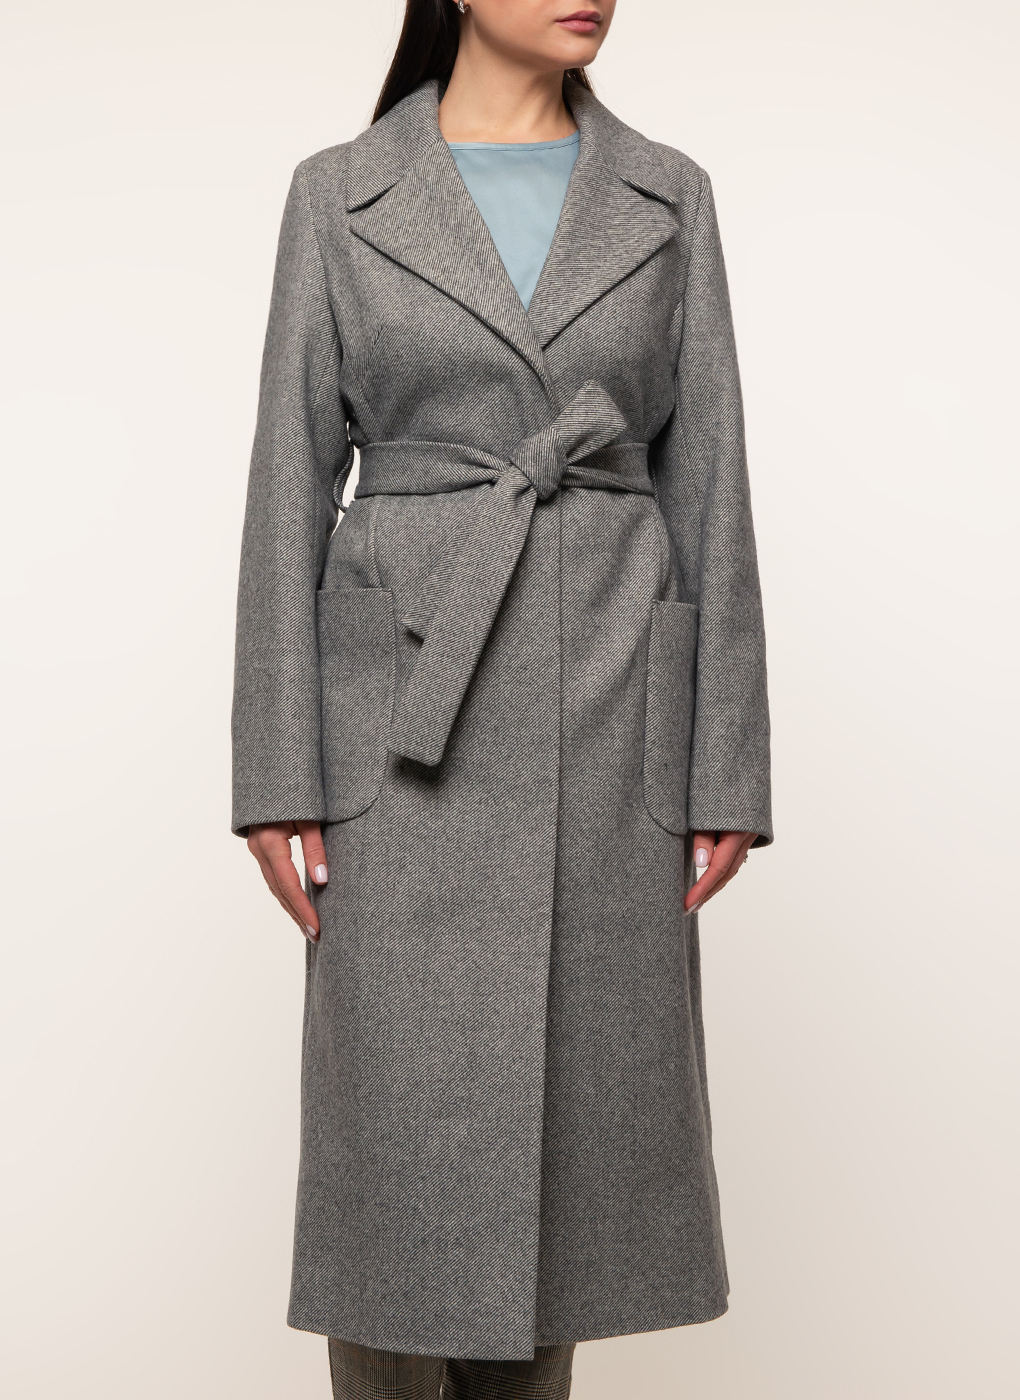 Пальто прямое полушерстяное 42, Amulet фото